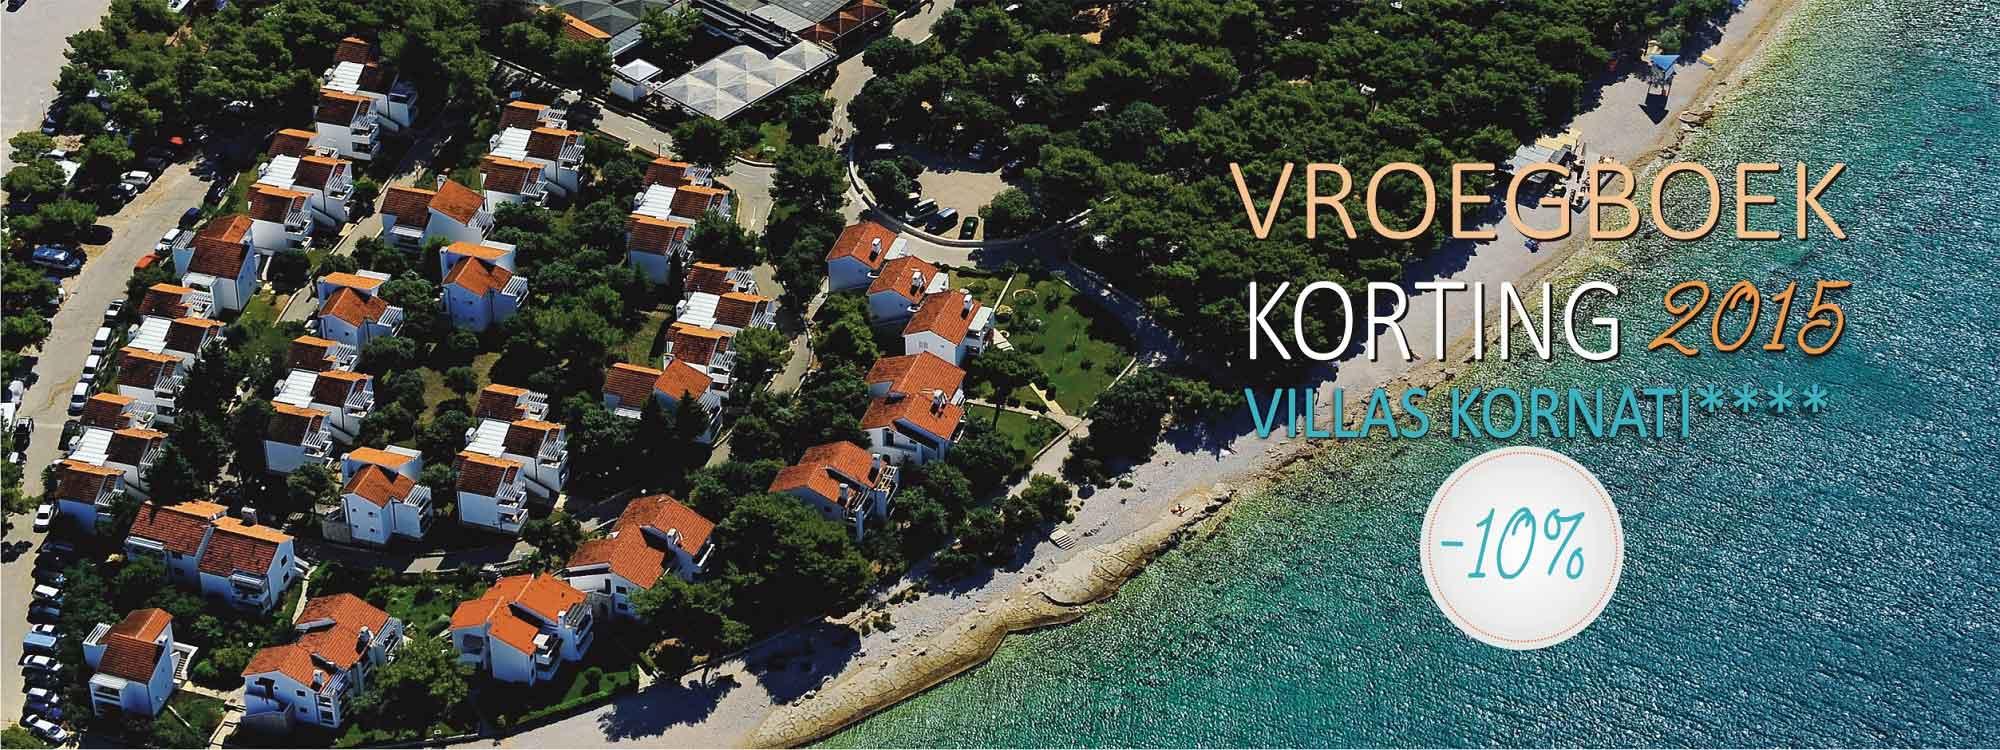 Solaris_villas_kornati_vroegboek_korting_2015_kriatie_camping